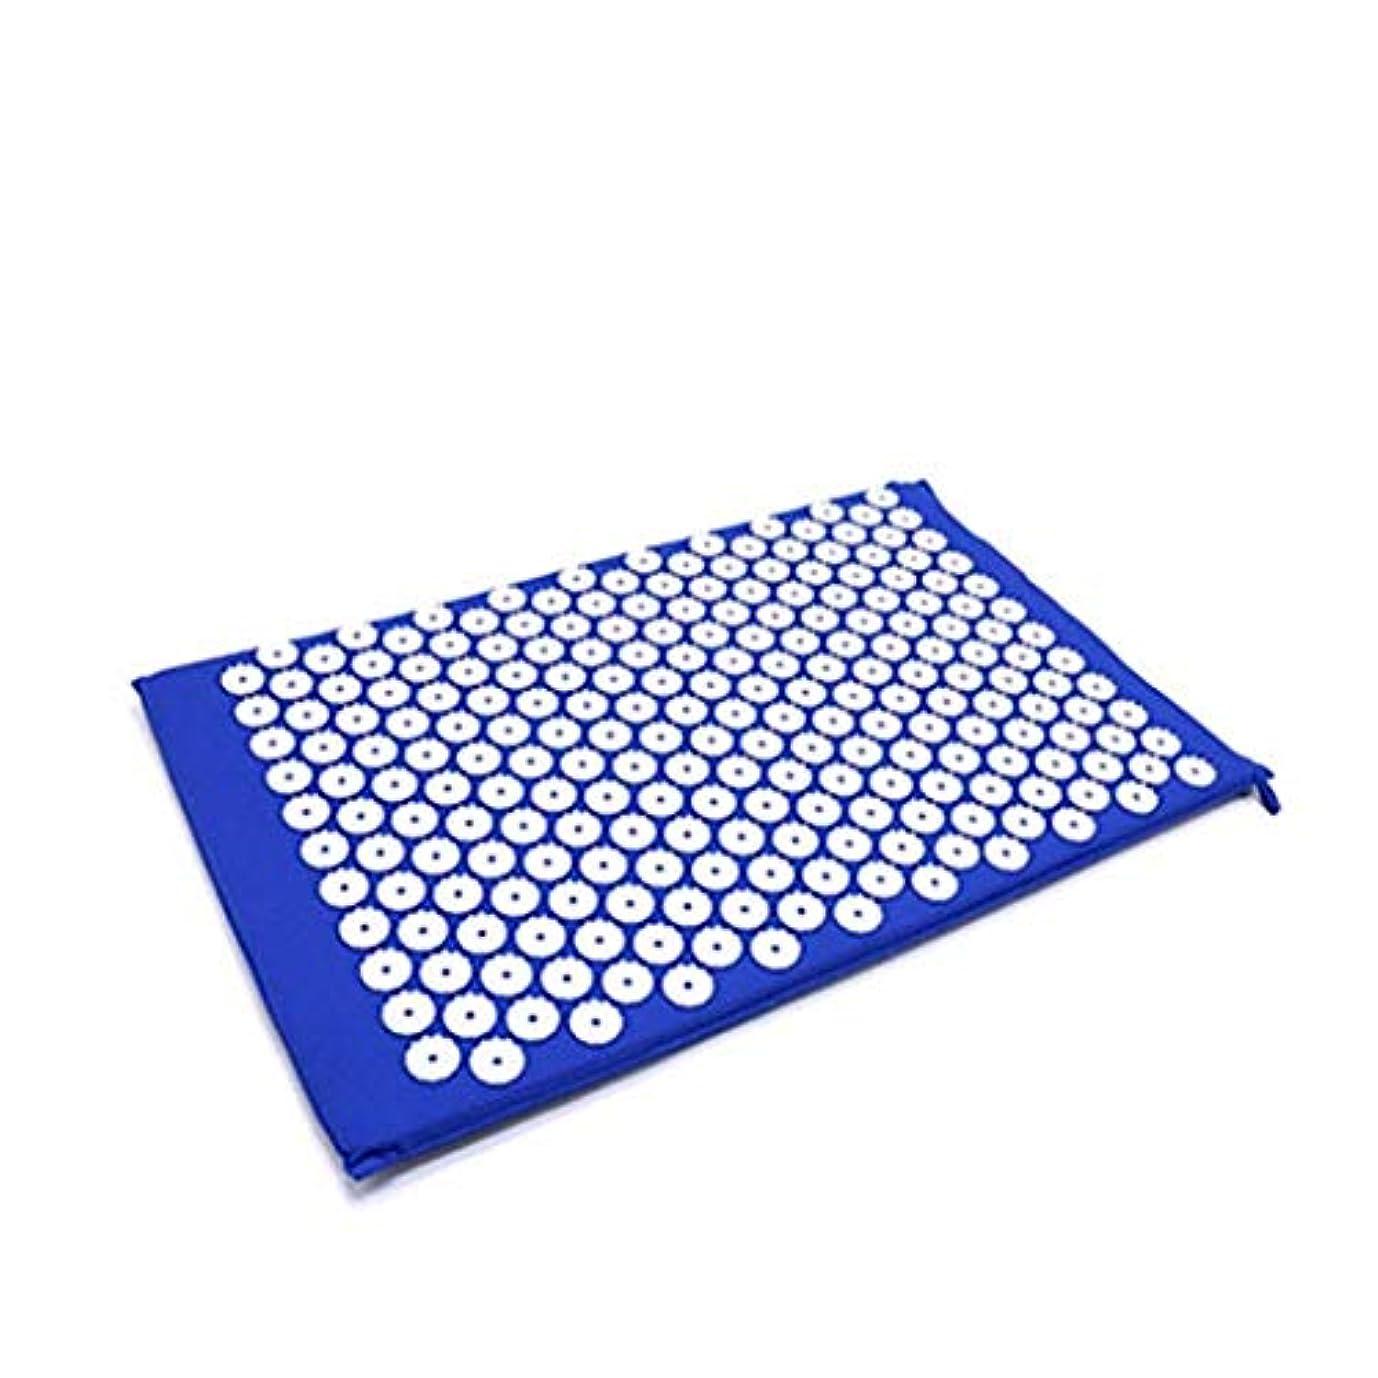 エロチック気体の追跡ヨガマット、マッサージクッション、鍼灸マッサージクッションは、圧力/腰痛指圧クッション/枕、ヨガマットを和らげます (Color : 青, Size : 4)